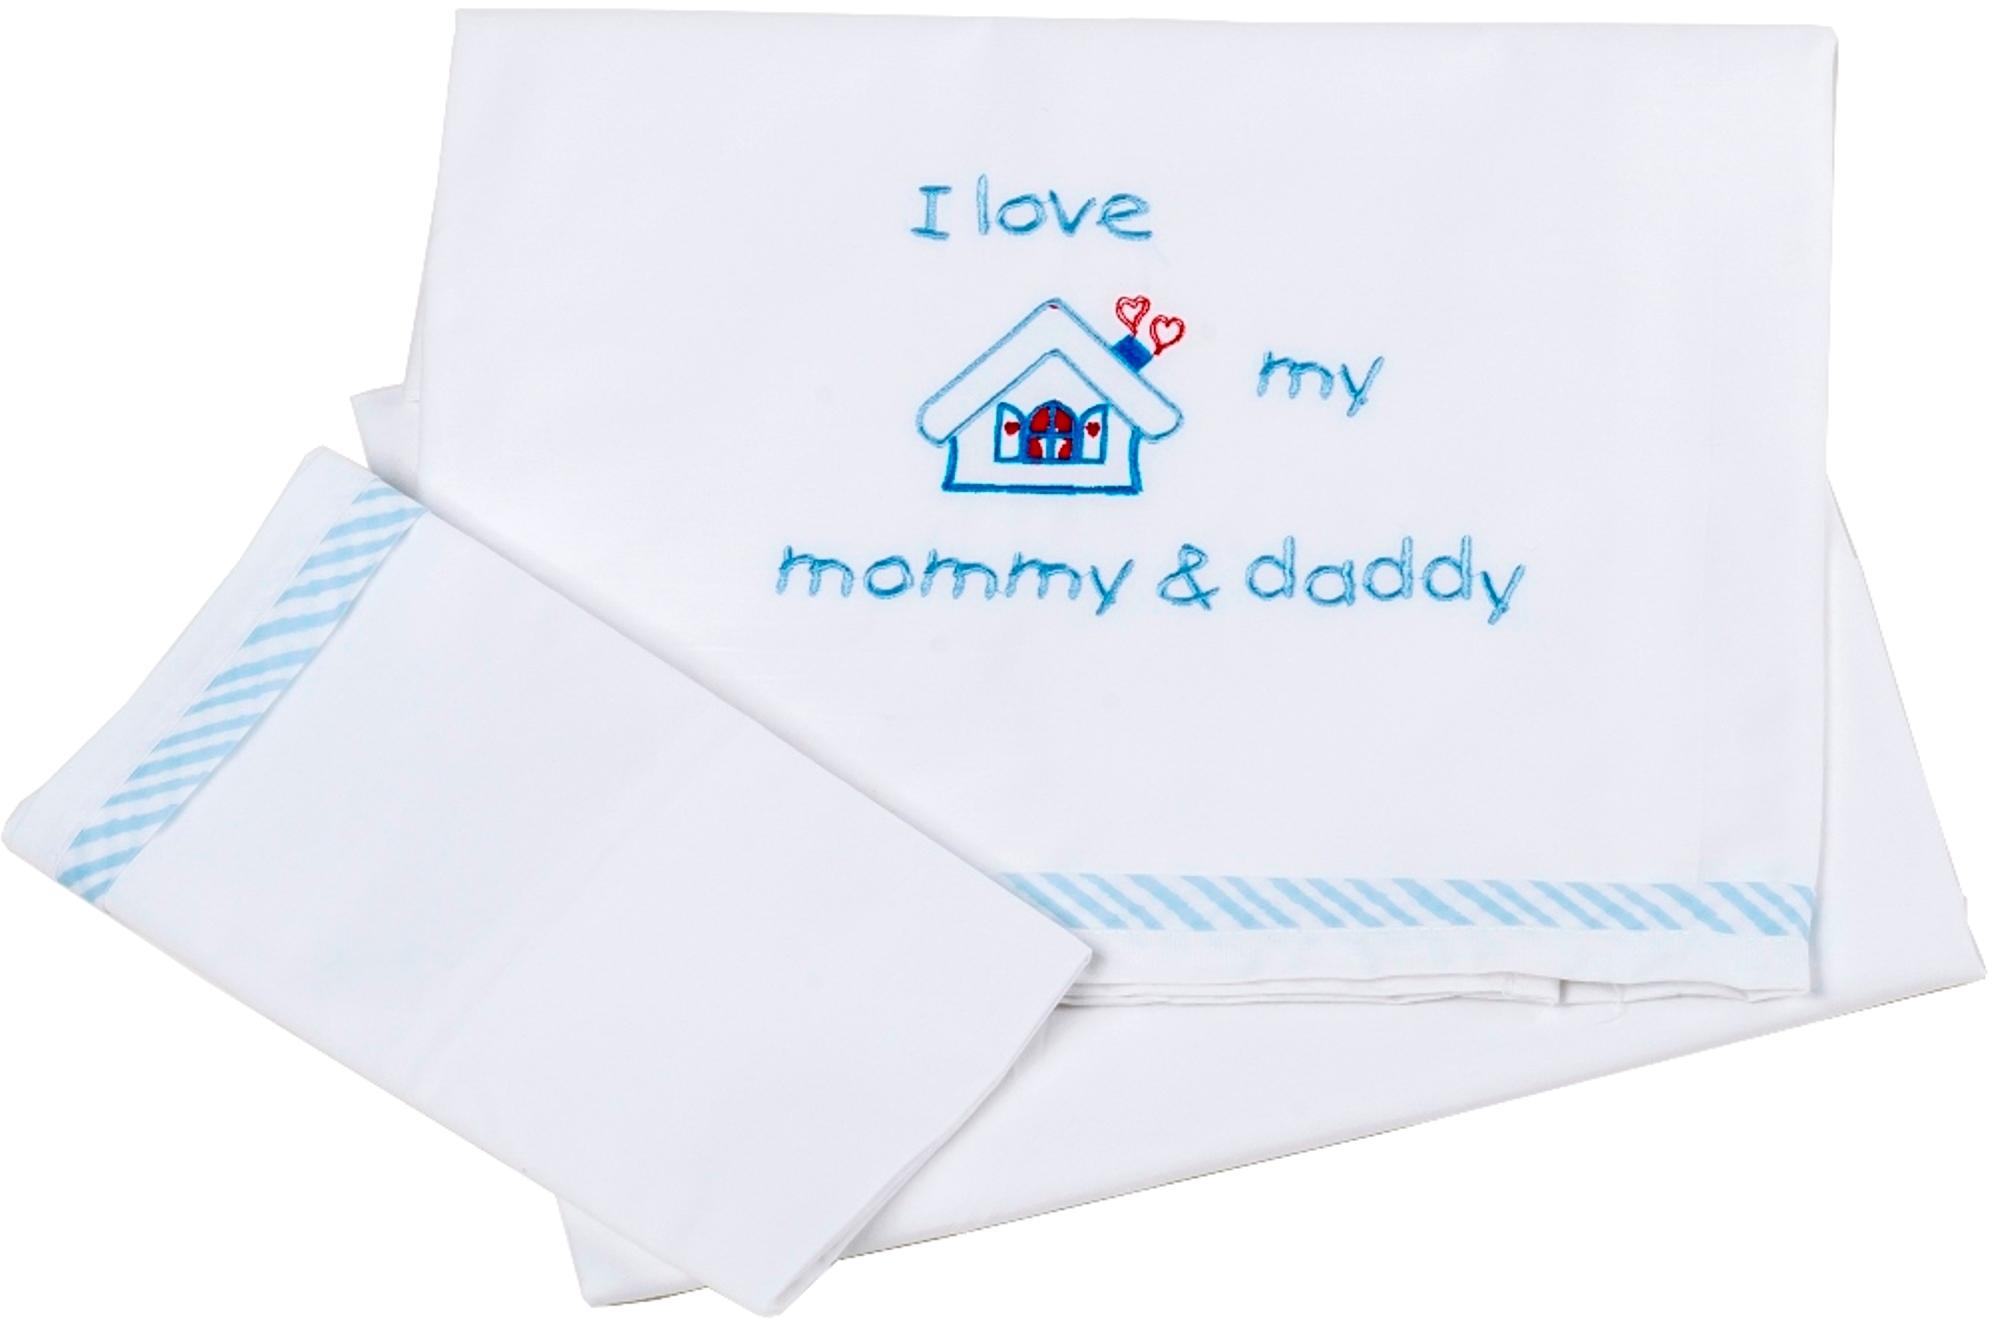 Σετ Σεντόνια Μπεμπέ 100×160εκ. Love 0202 Blue – Ο Κόσμος του Μωρού – 16-0202-love-blue